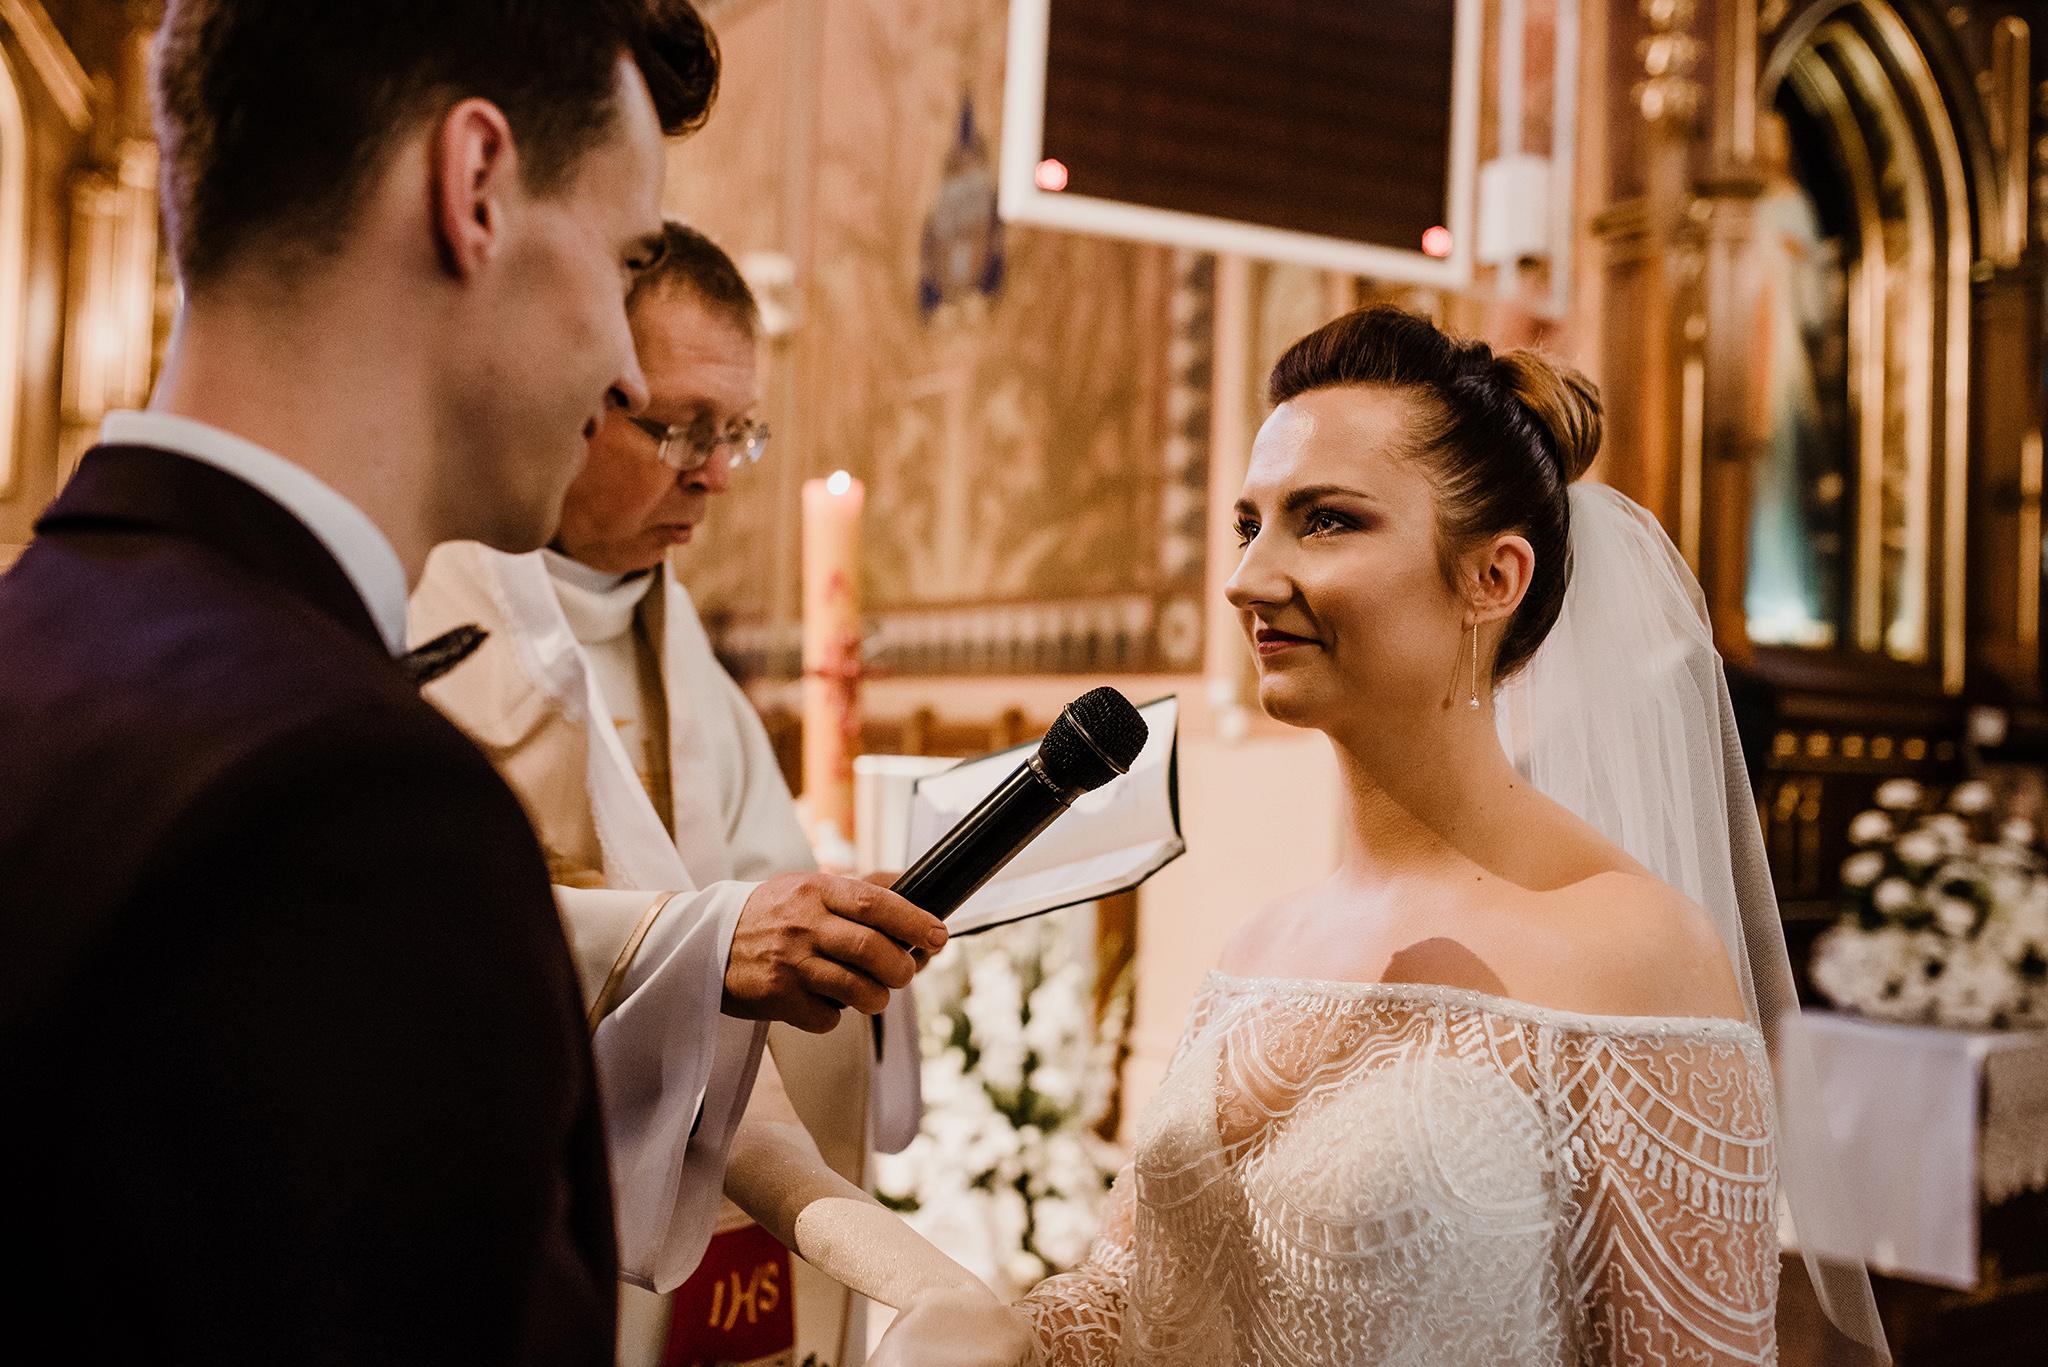 zdjęcia ze ślubu kościelnego